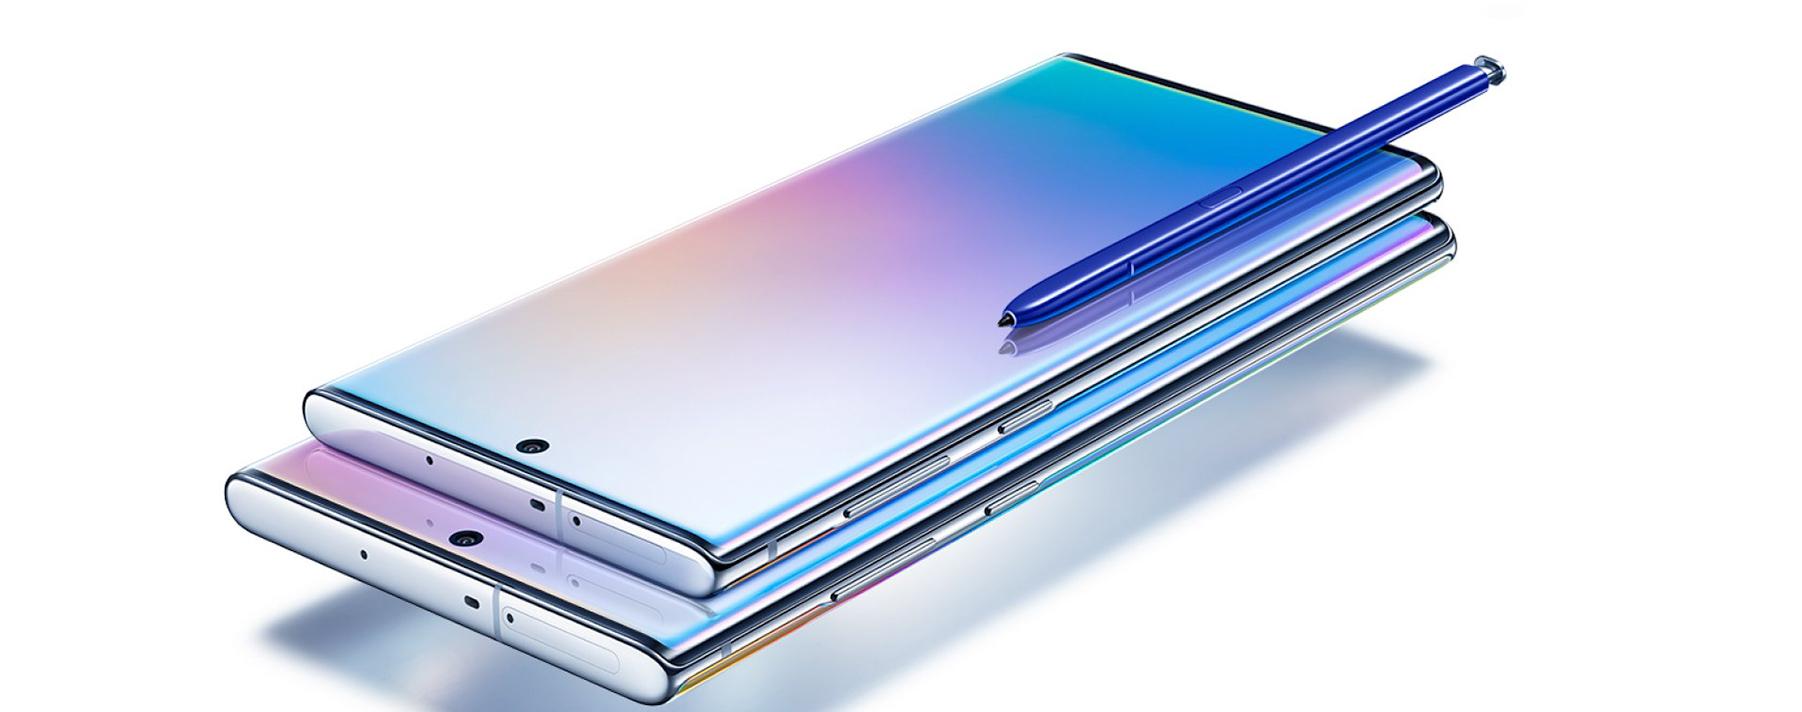 Samsung Galaxy Note 10. Este equipo ofrece un 8% más de área de pantalla utilizable y contará con la nueva pantalla Infinity-O.